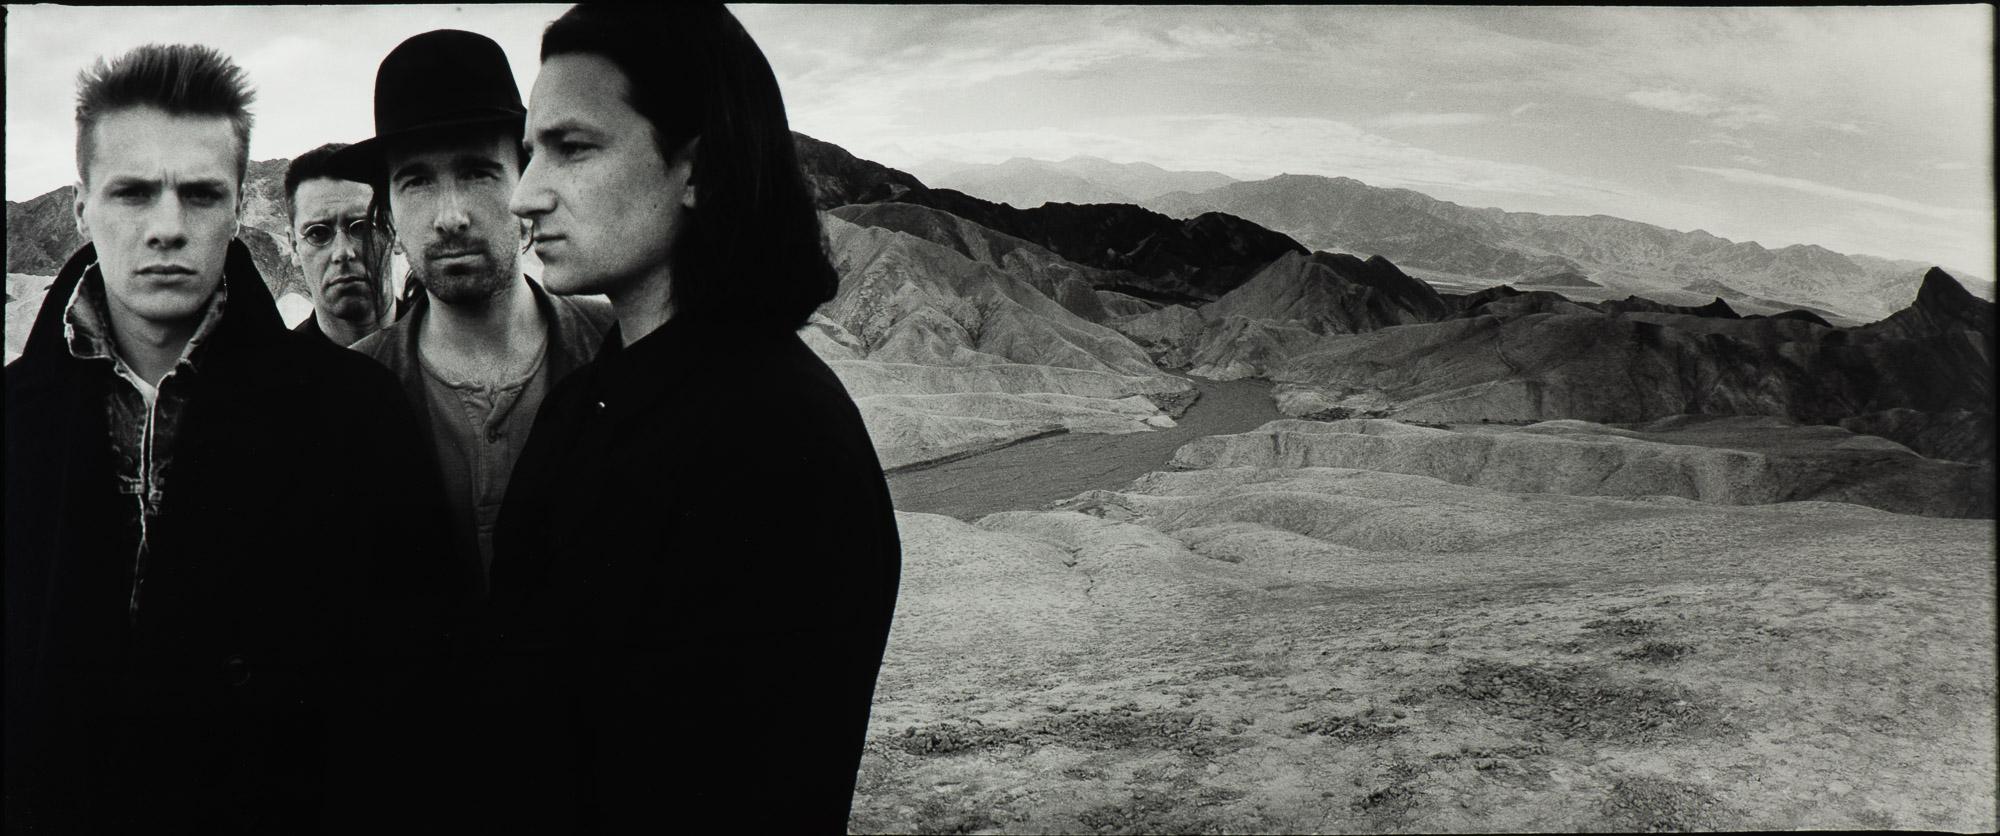 U2, Death Valley, 1986